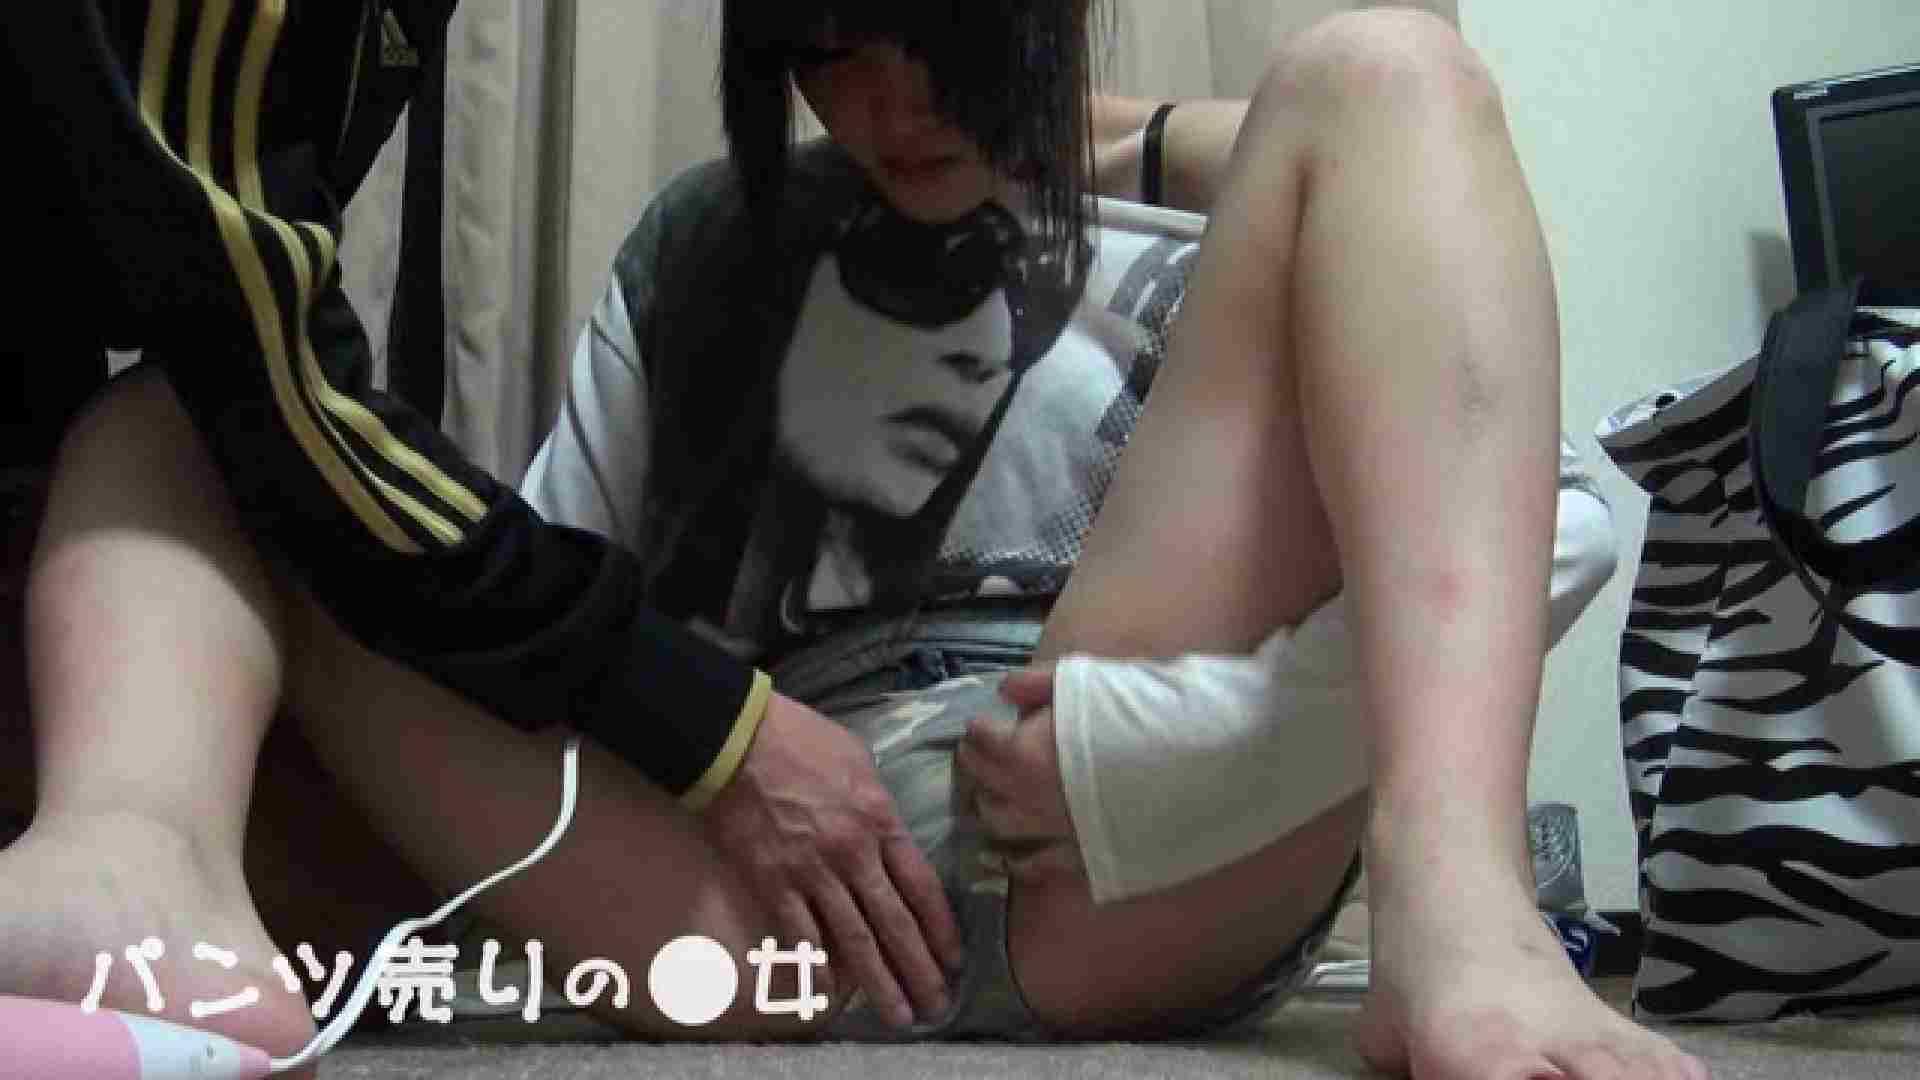 新説 パンツ売りの女の子mizuki02 盗撮 セックス画像 87PIX 58